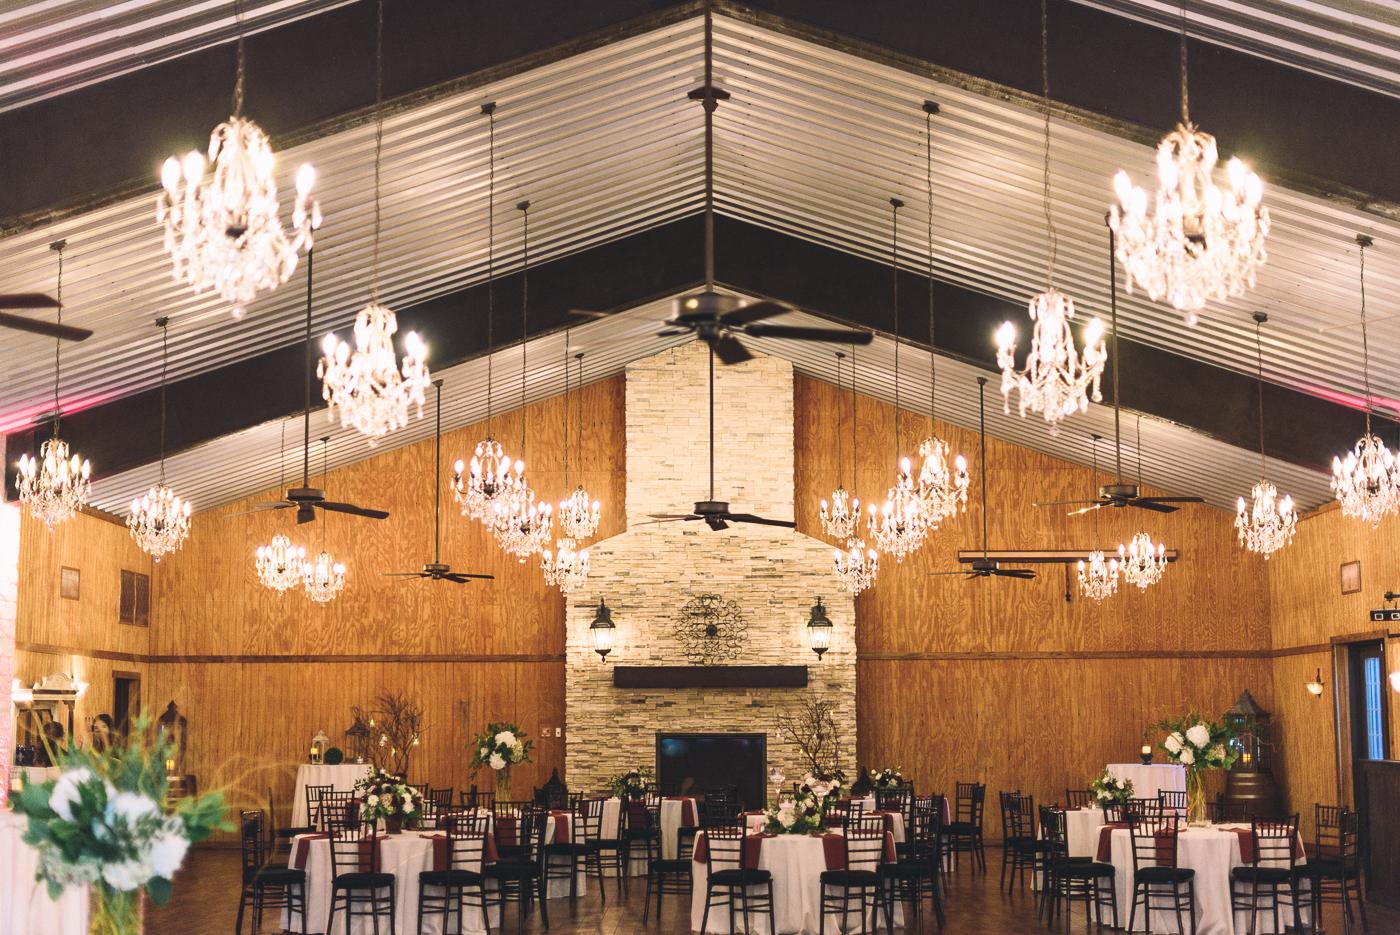 magnolia.texas.wedding (58 of 85).jpg